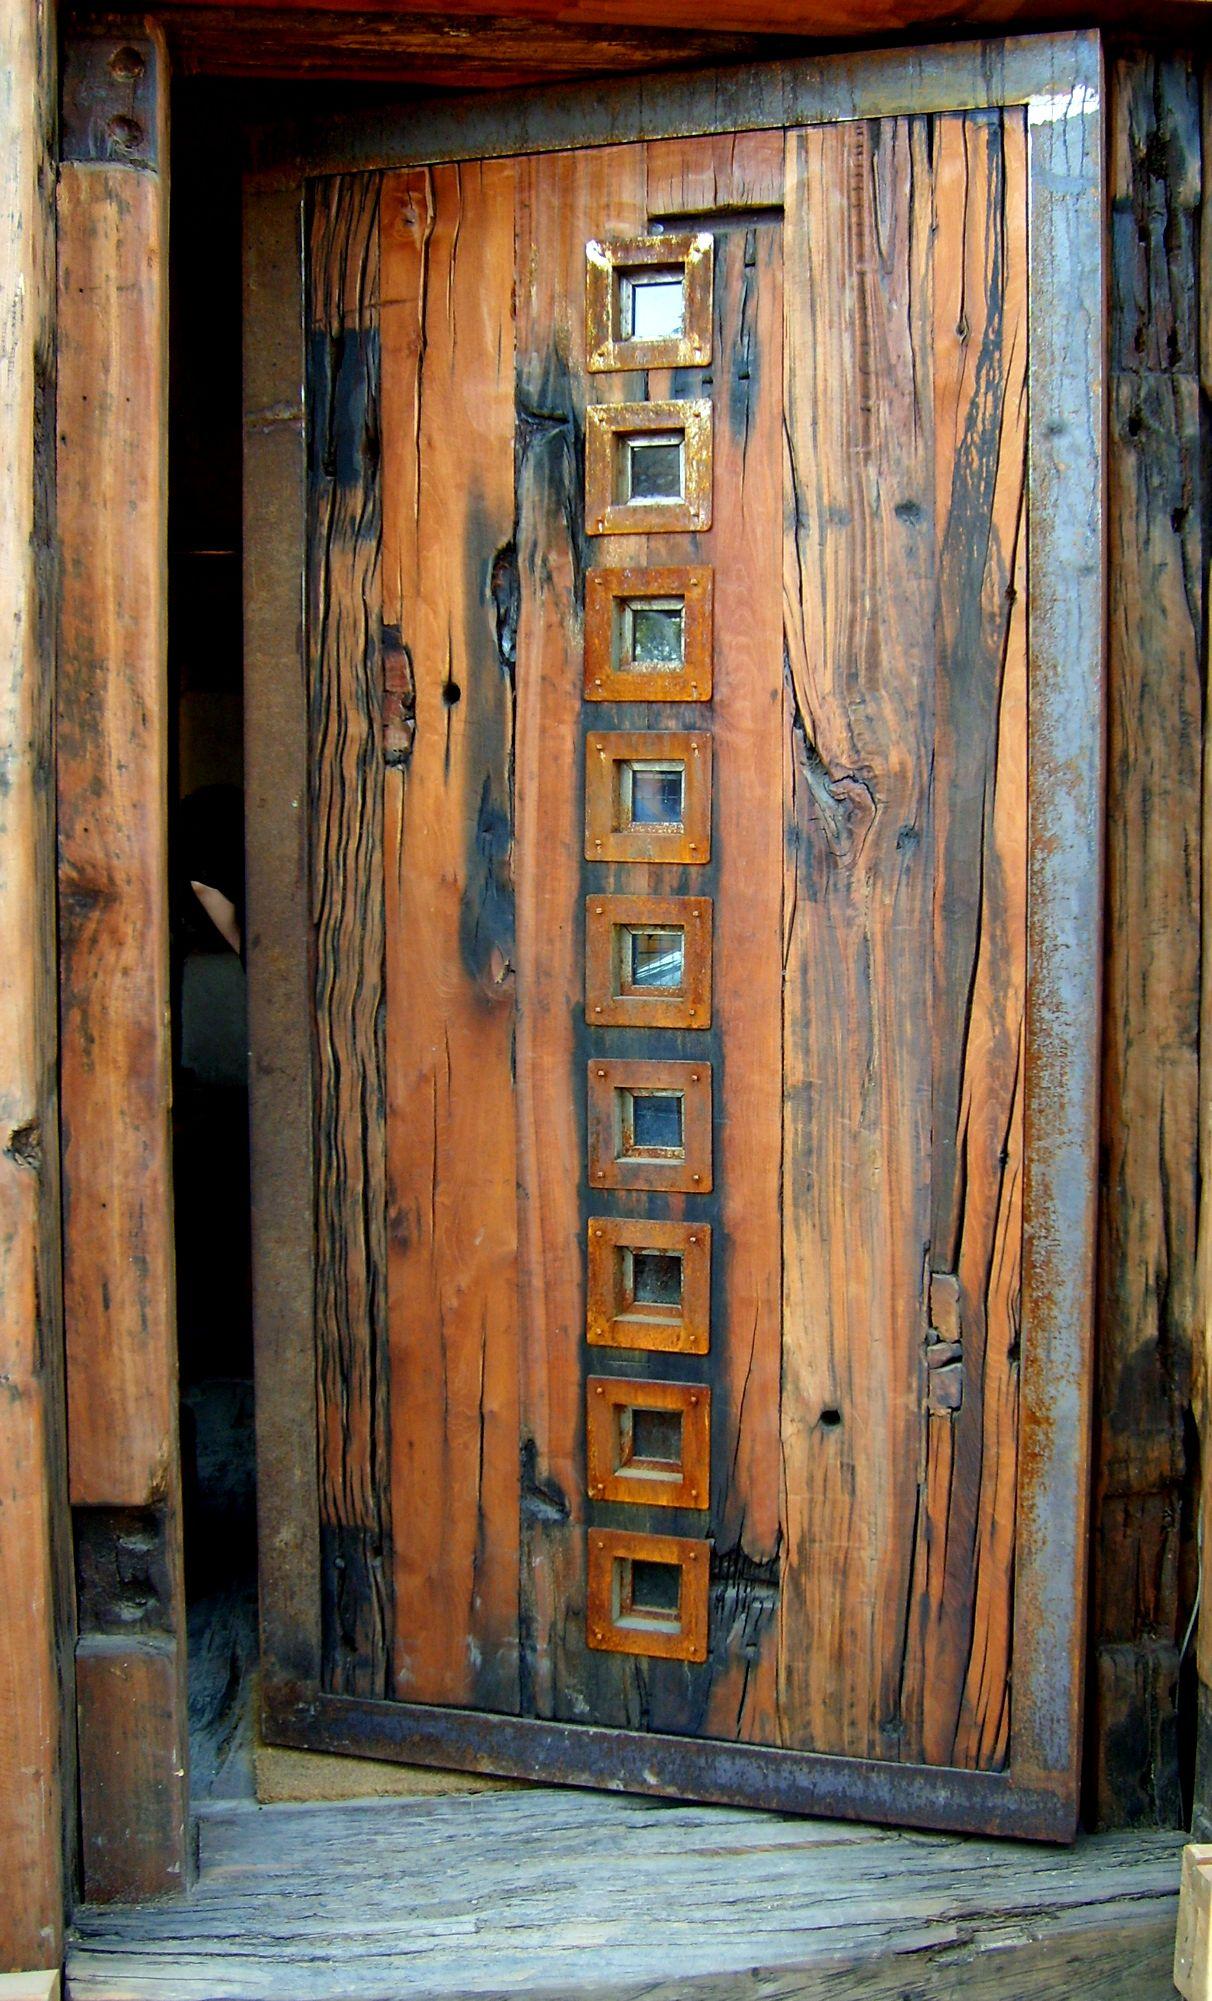 Puerta principal de roble r stico con ventanas de fierro - Puertas de exterior rusticas ...